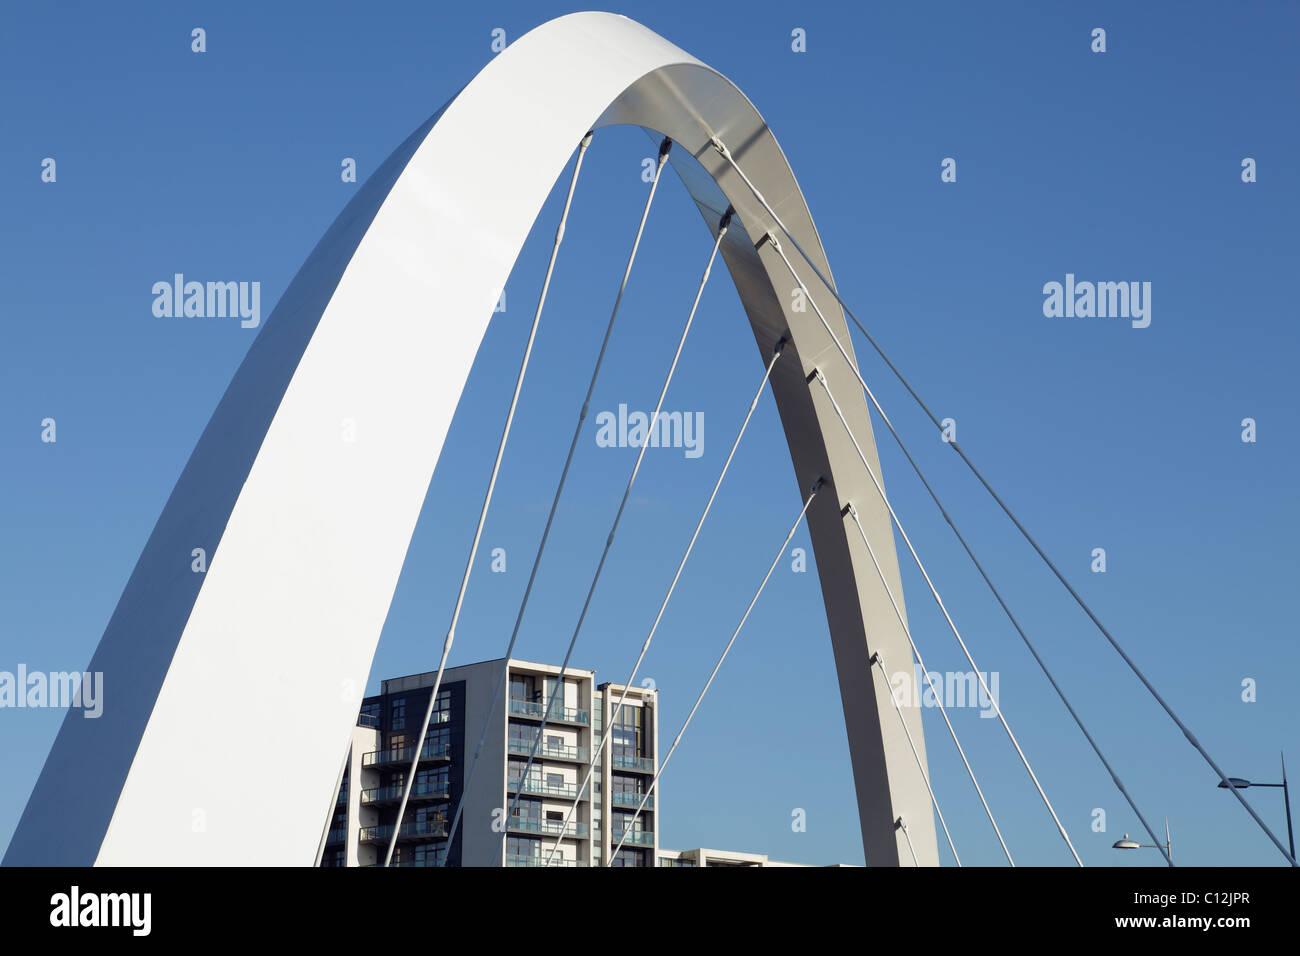 Détail des supports sur le pont Clyde Arc au-dessus de la rivière Clyde à Glasgow, Écosse, Royaume-Uni Banque D'Images